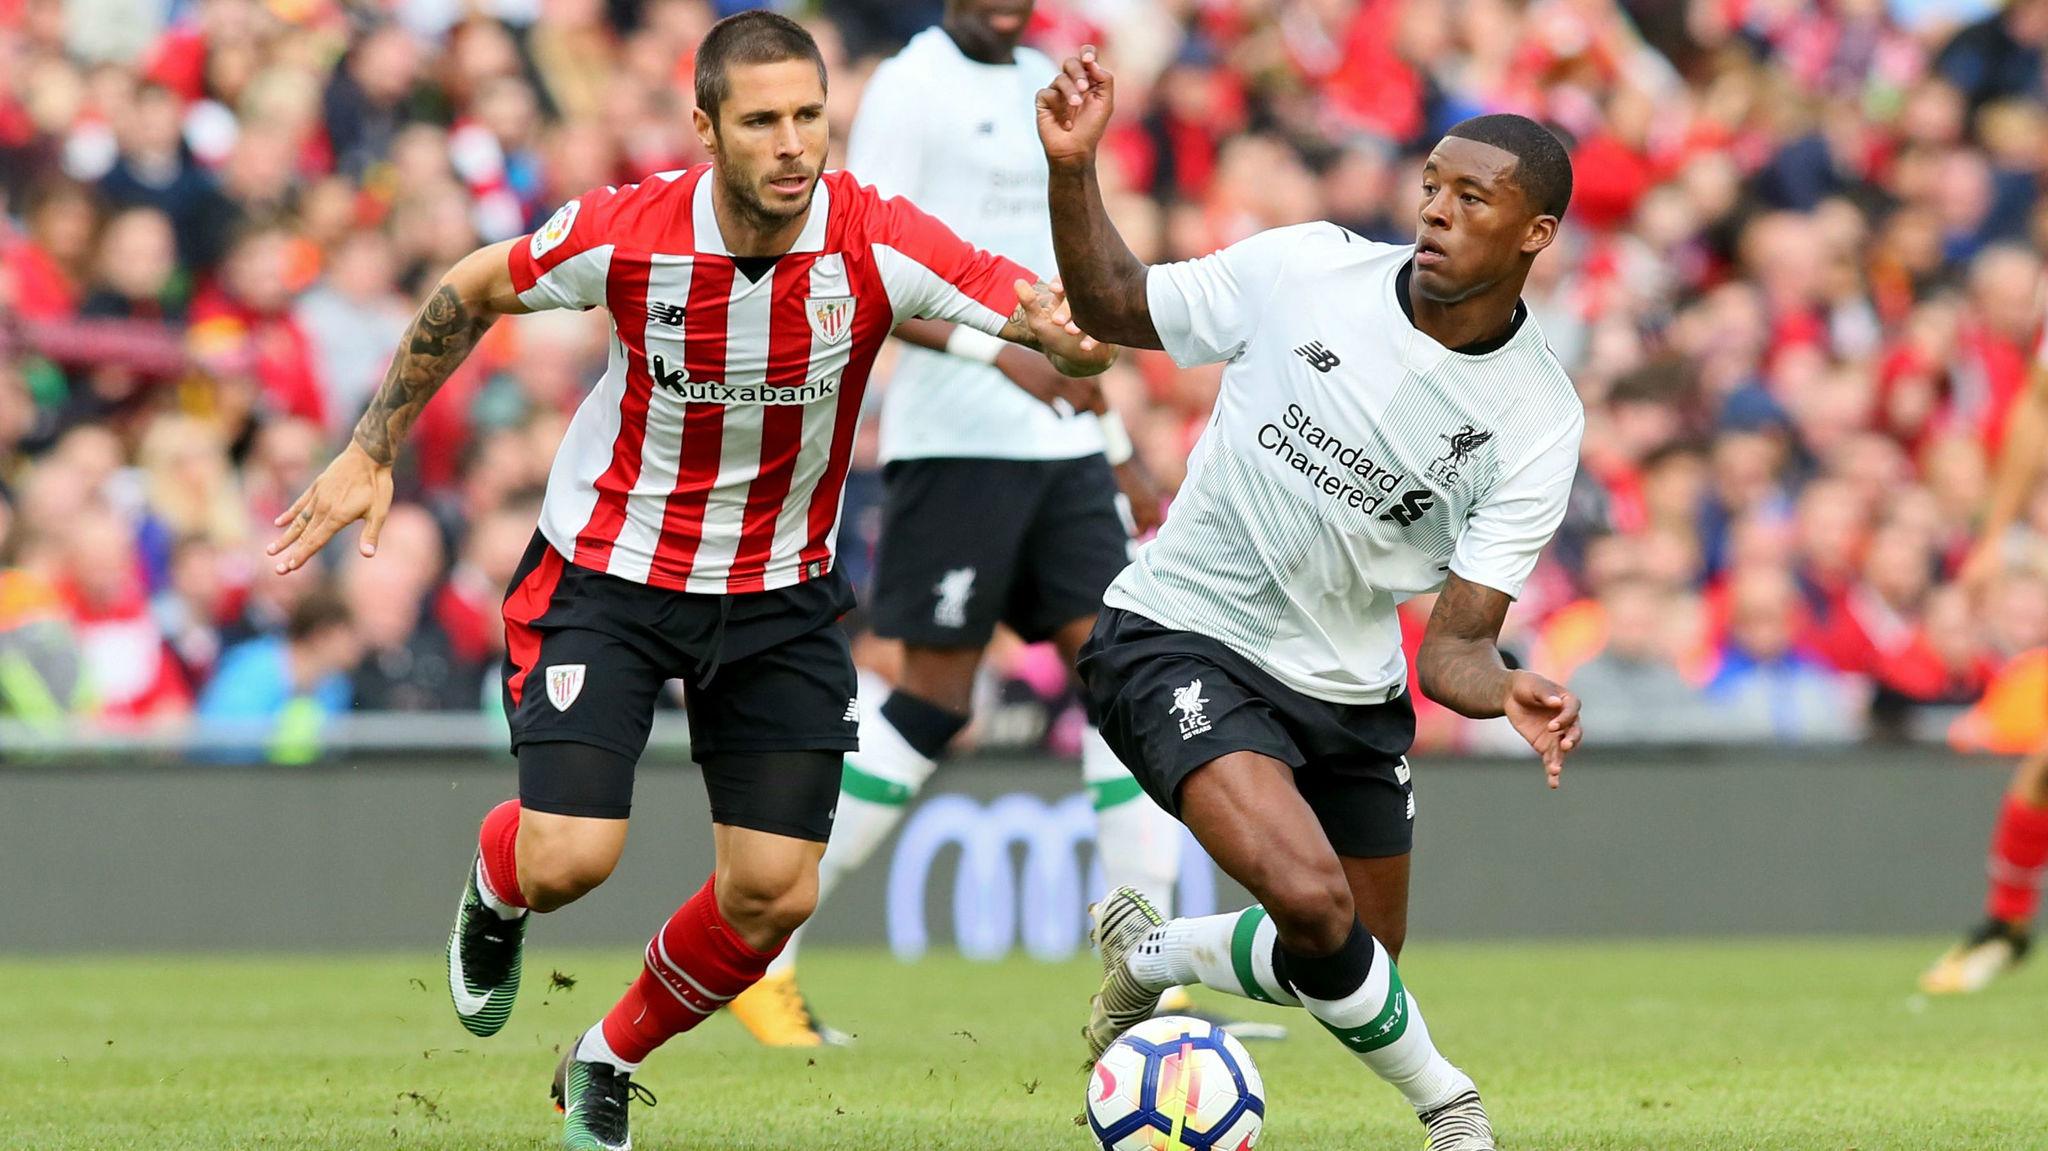 Sola (31), durante el partido de pretemporada frente al Liverpool.